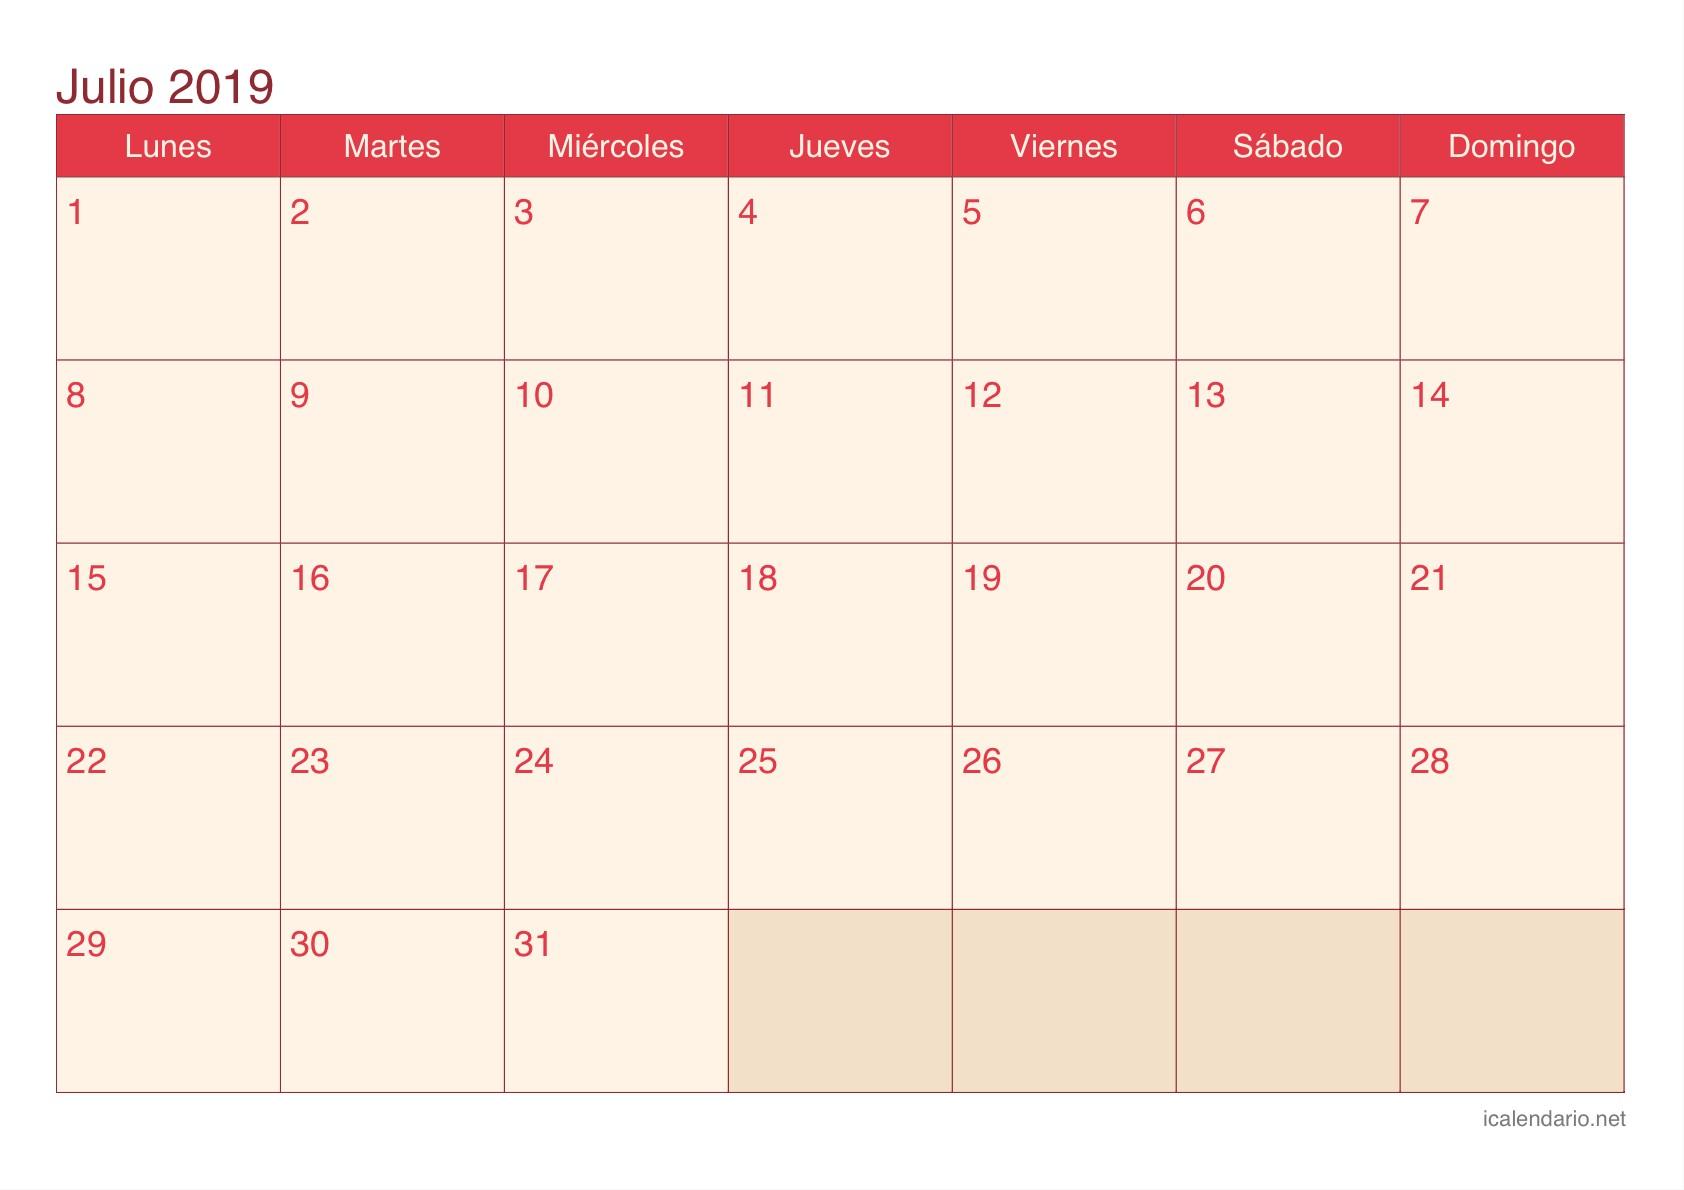 Descargar Calendario 2019 Excel Más Actual Bahrain Pavilion Guide Calendario Julio Agosto Septiembre 2019 Of Descargar Calendario 2019 Excel Mejores Y Más Novedosos Abril 2019 Con Festivos Word Calendario T